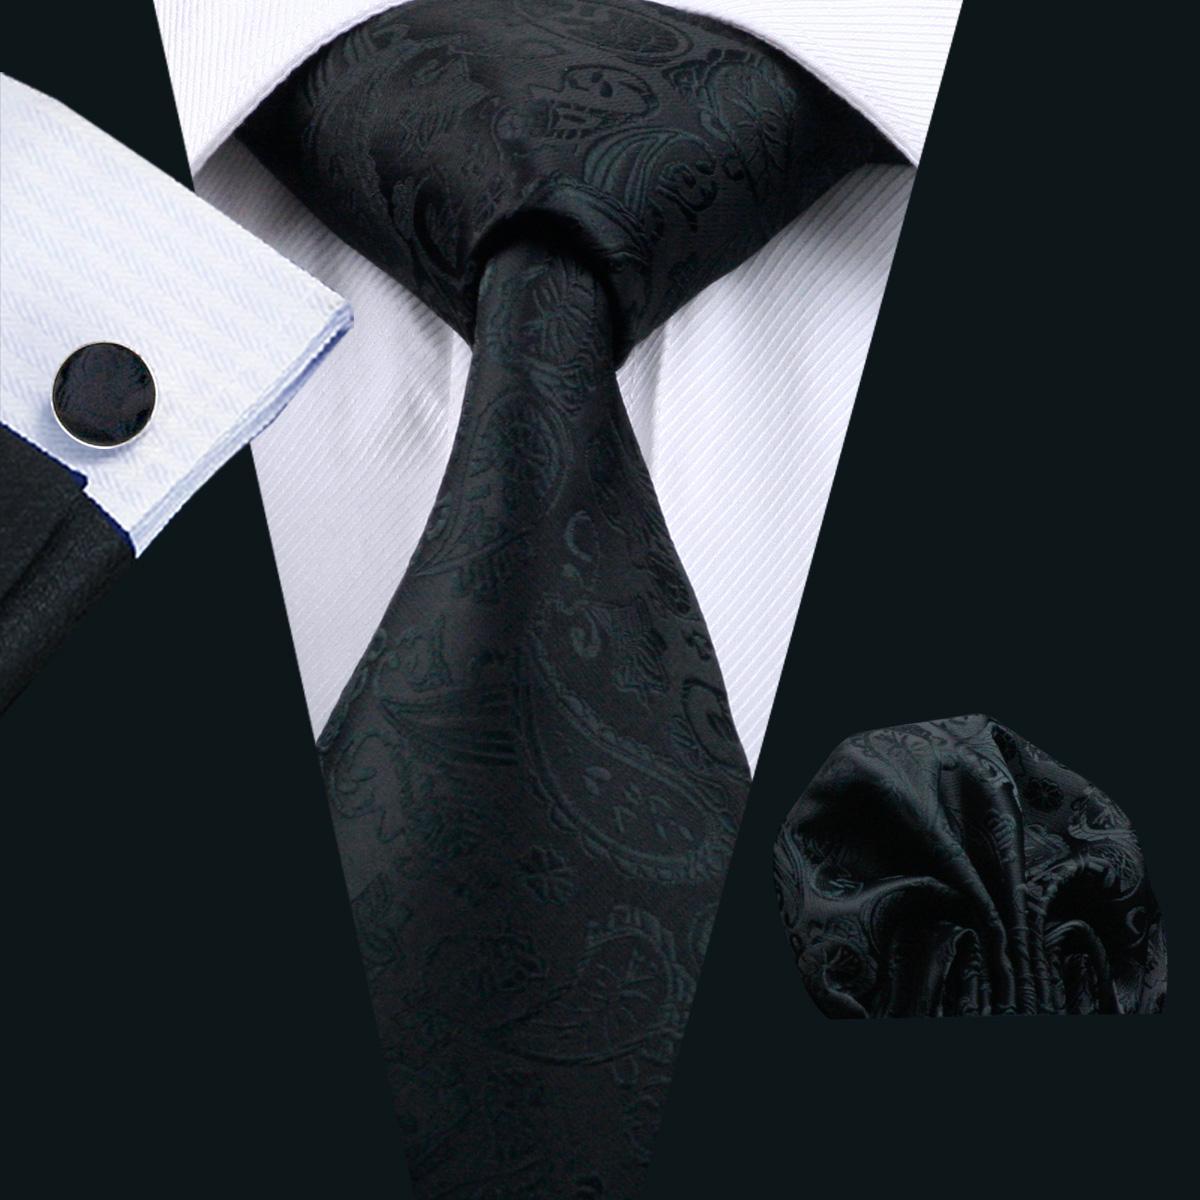 سريع الشحن العنق الكلاسيكي أسود مصمم بيزلي الحرير للرجال ماركة اكسسوارات رجالي الأزياء الأعمال دعوى العلاقات للرجال N-0823